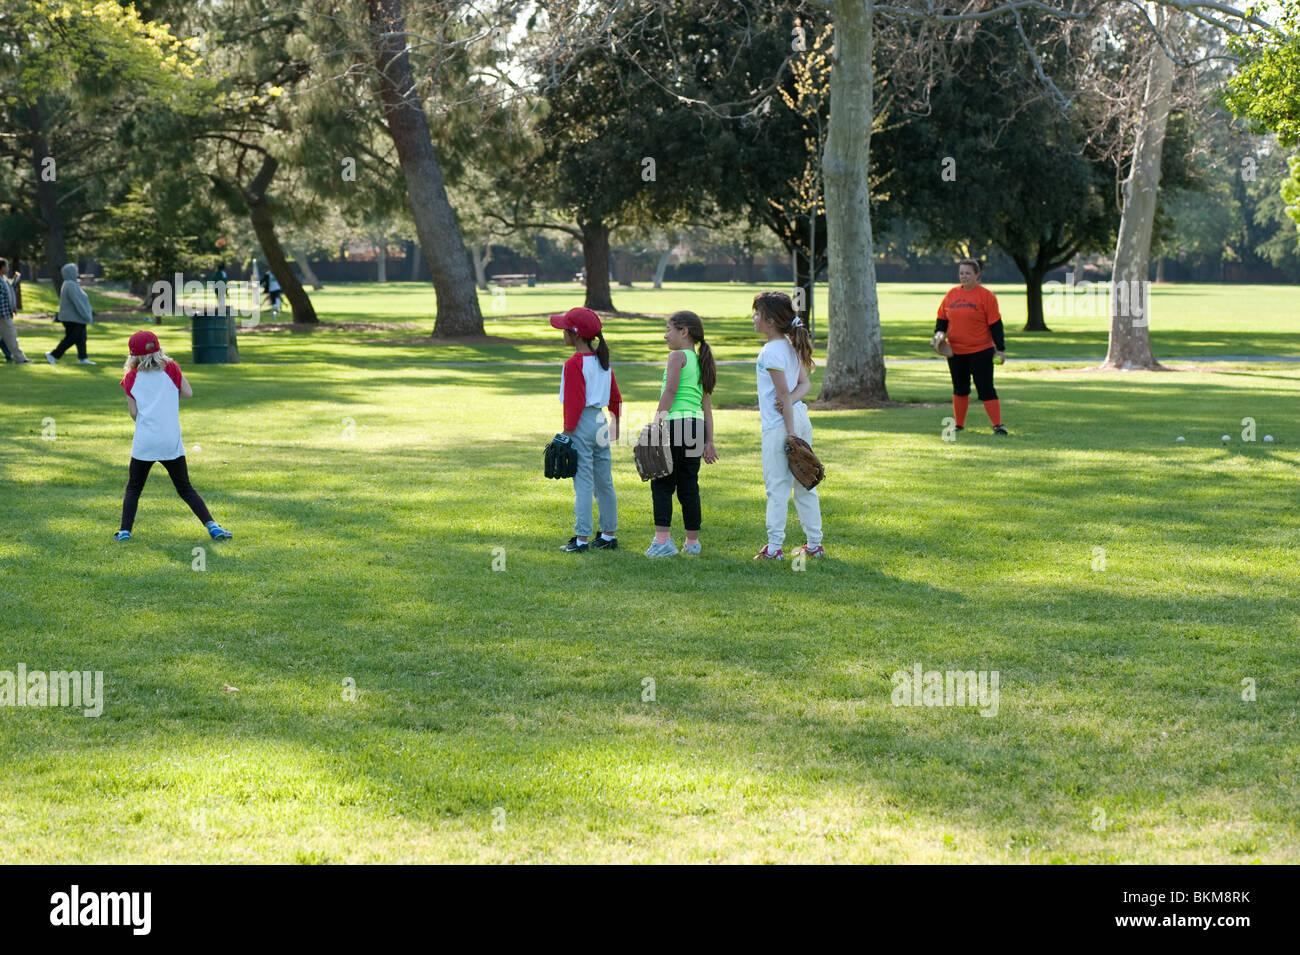 Les jeunes filles se sont alignés pour attraper dans la pratique de softball Photo Stock